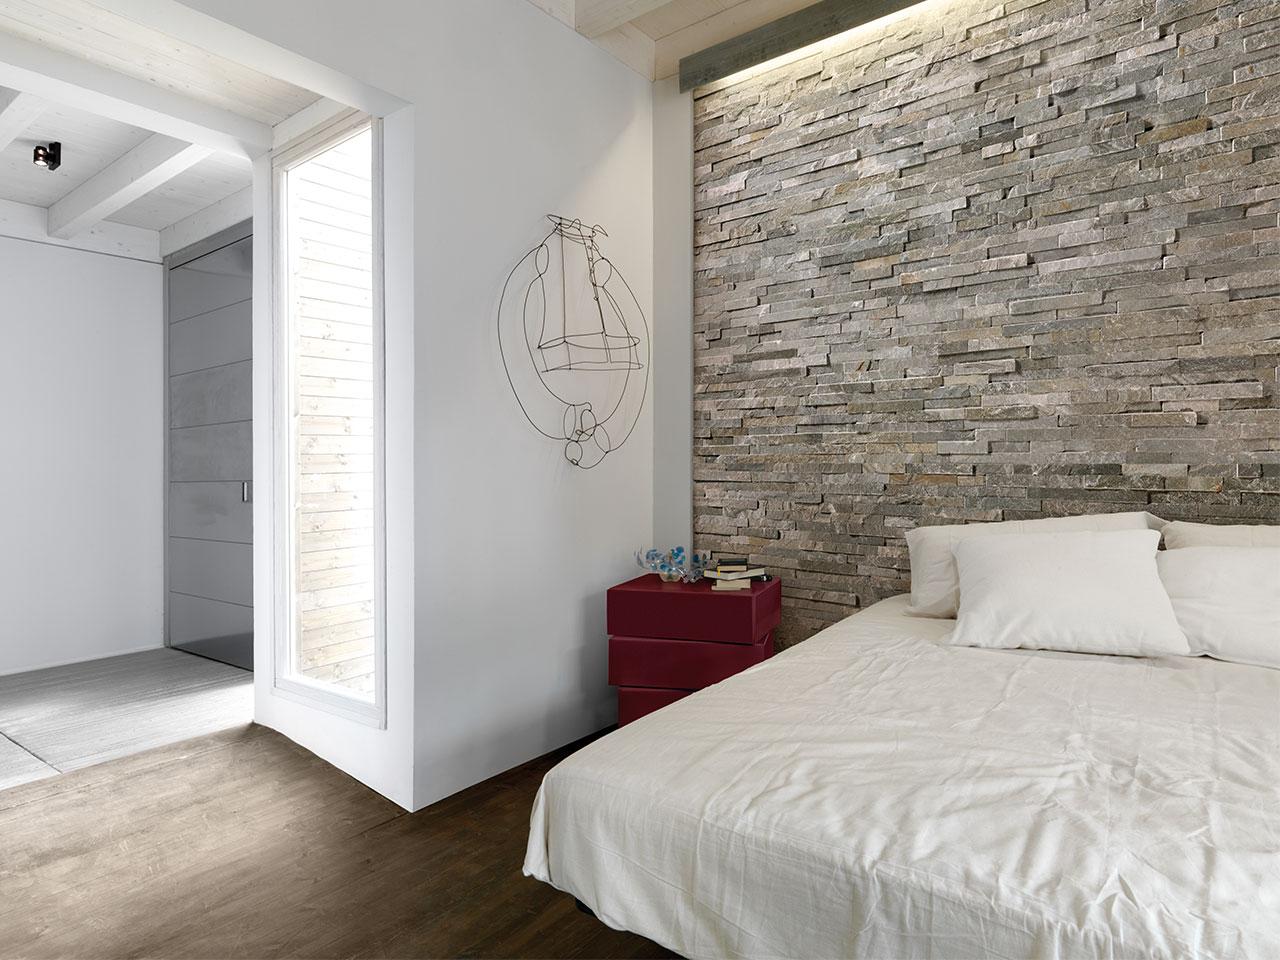 Rivestimento in pietra delle pareti architetto digitale - Parete rivestita in pietra ...